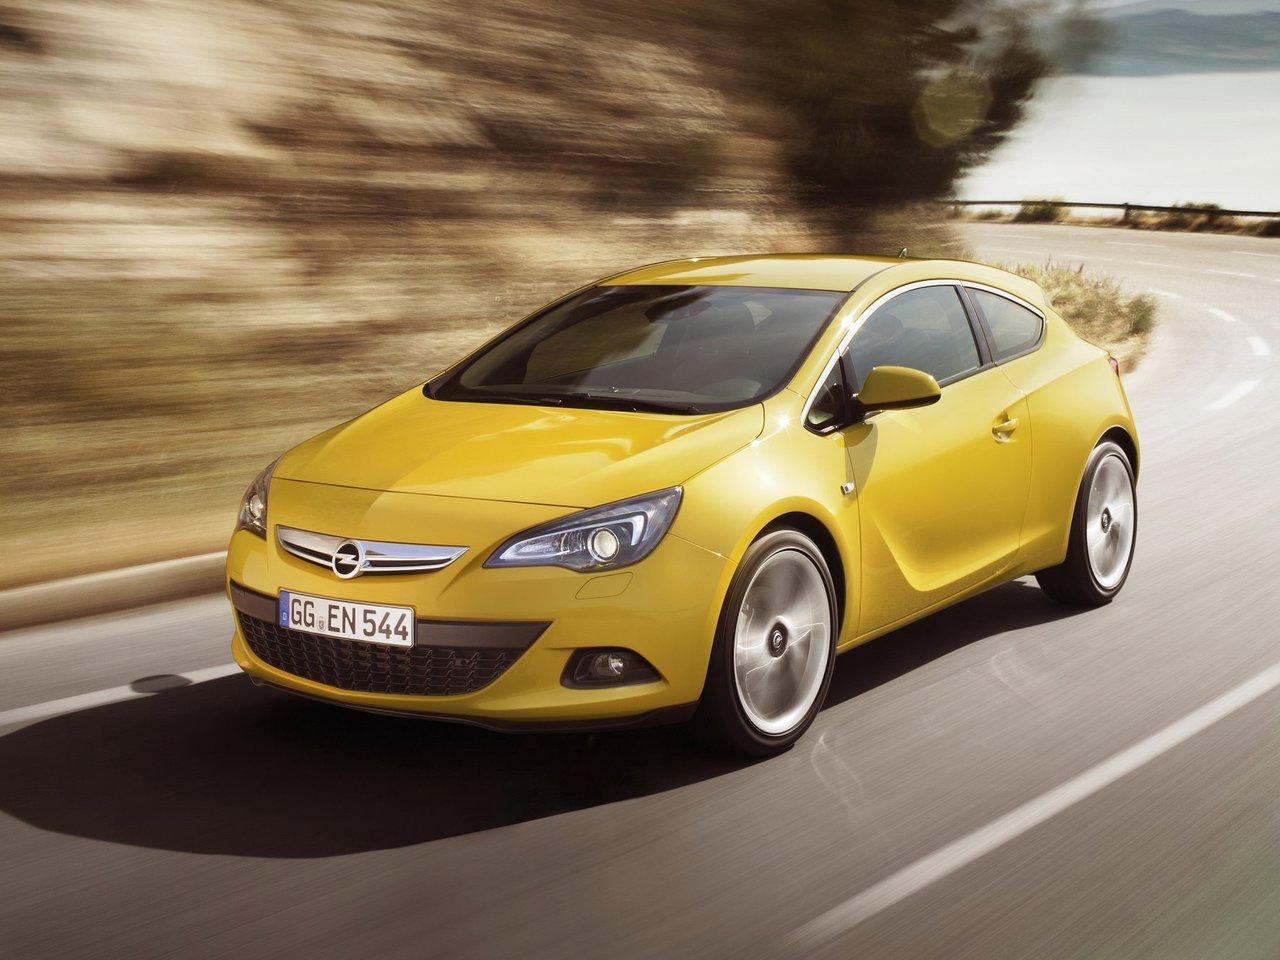 Снимки: Opel Astra J GTC